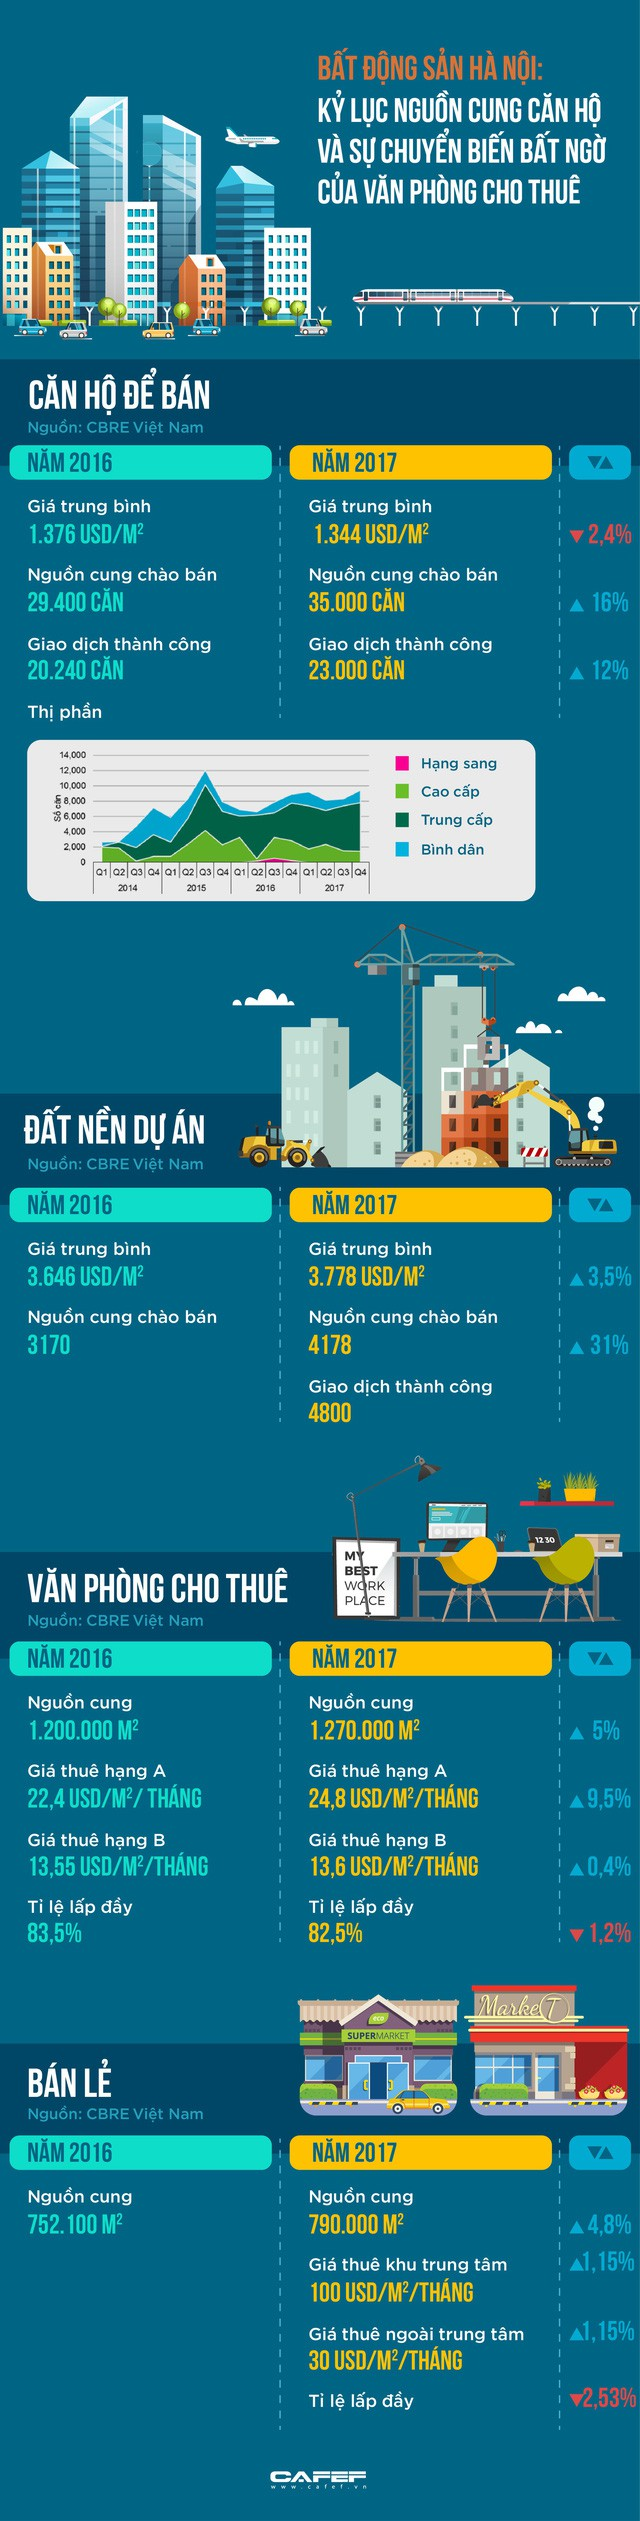 Bức tranh toàn cảnh thị trường BĐS Hà Nội nhiều kỷ lục của năm 2017 - Ảnh 1.